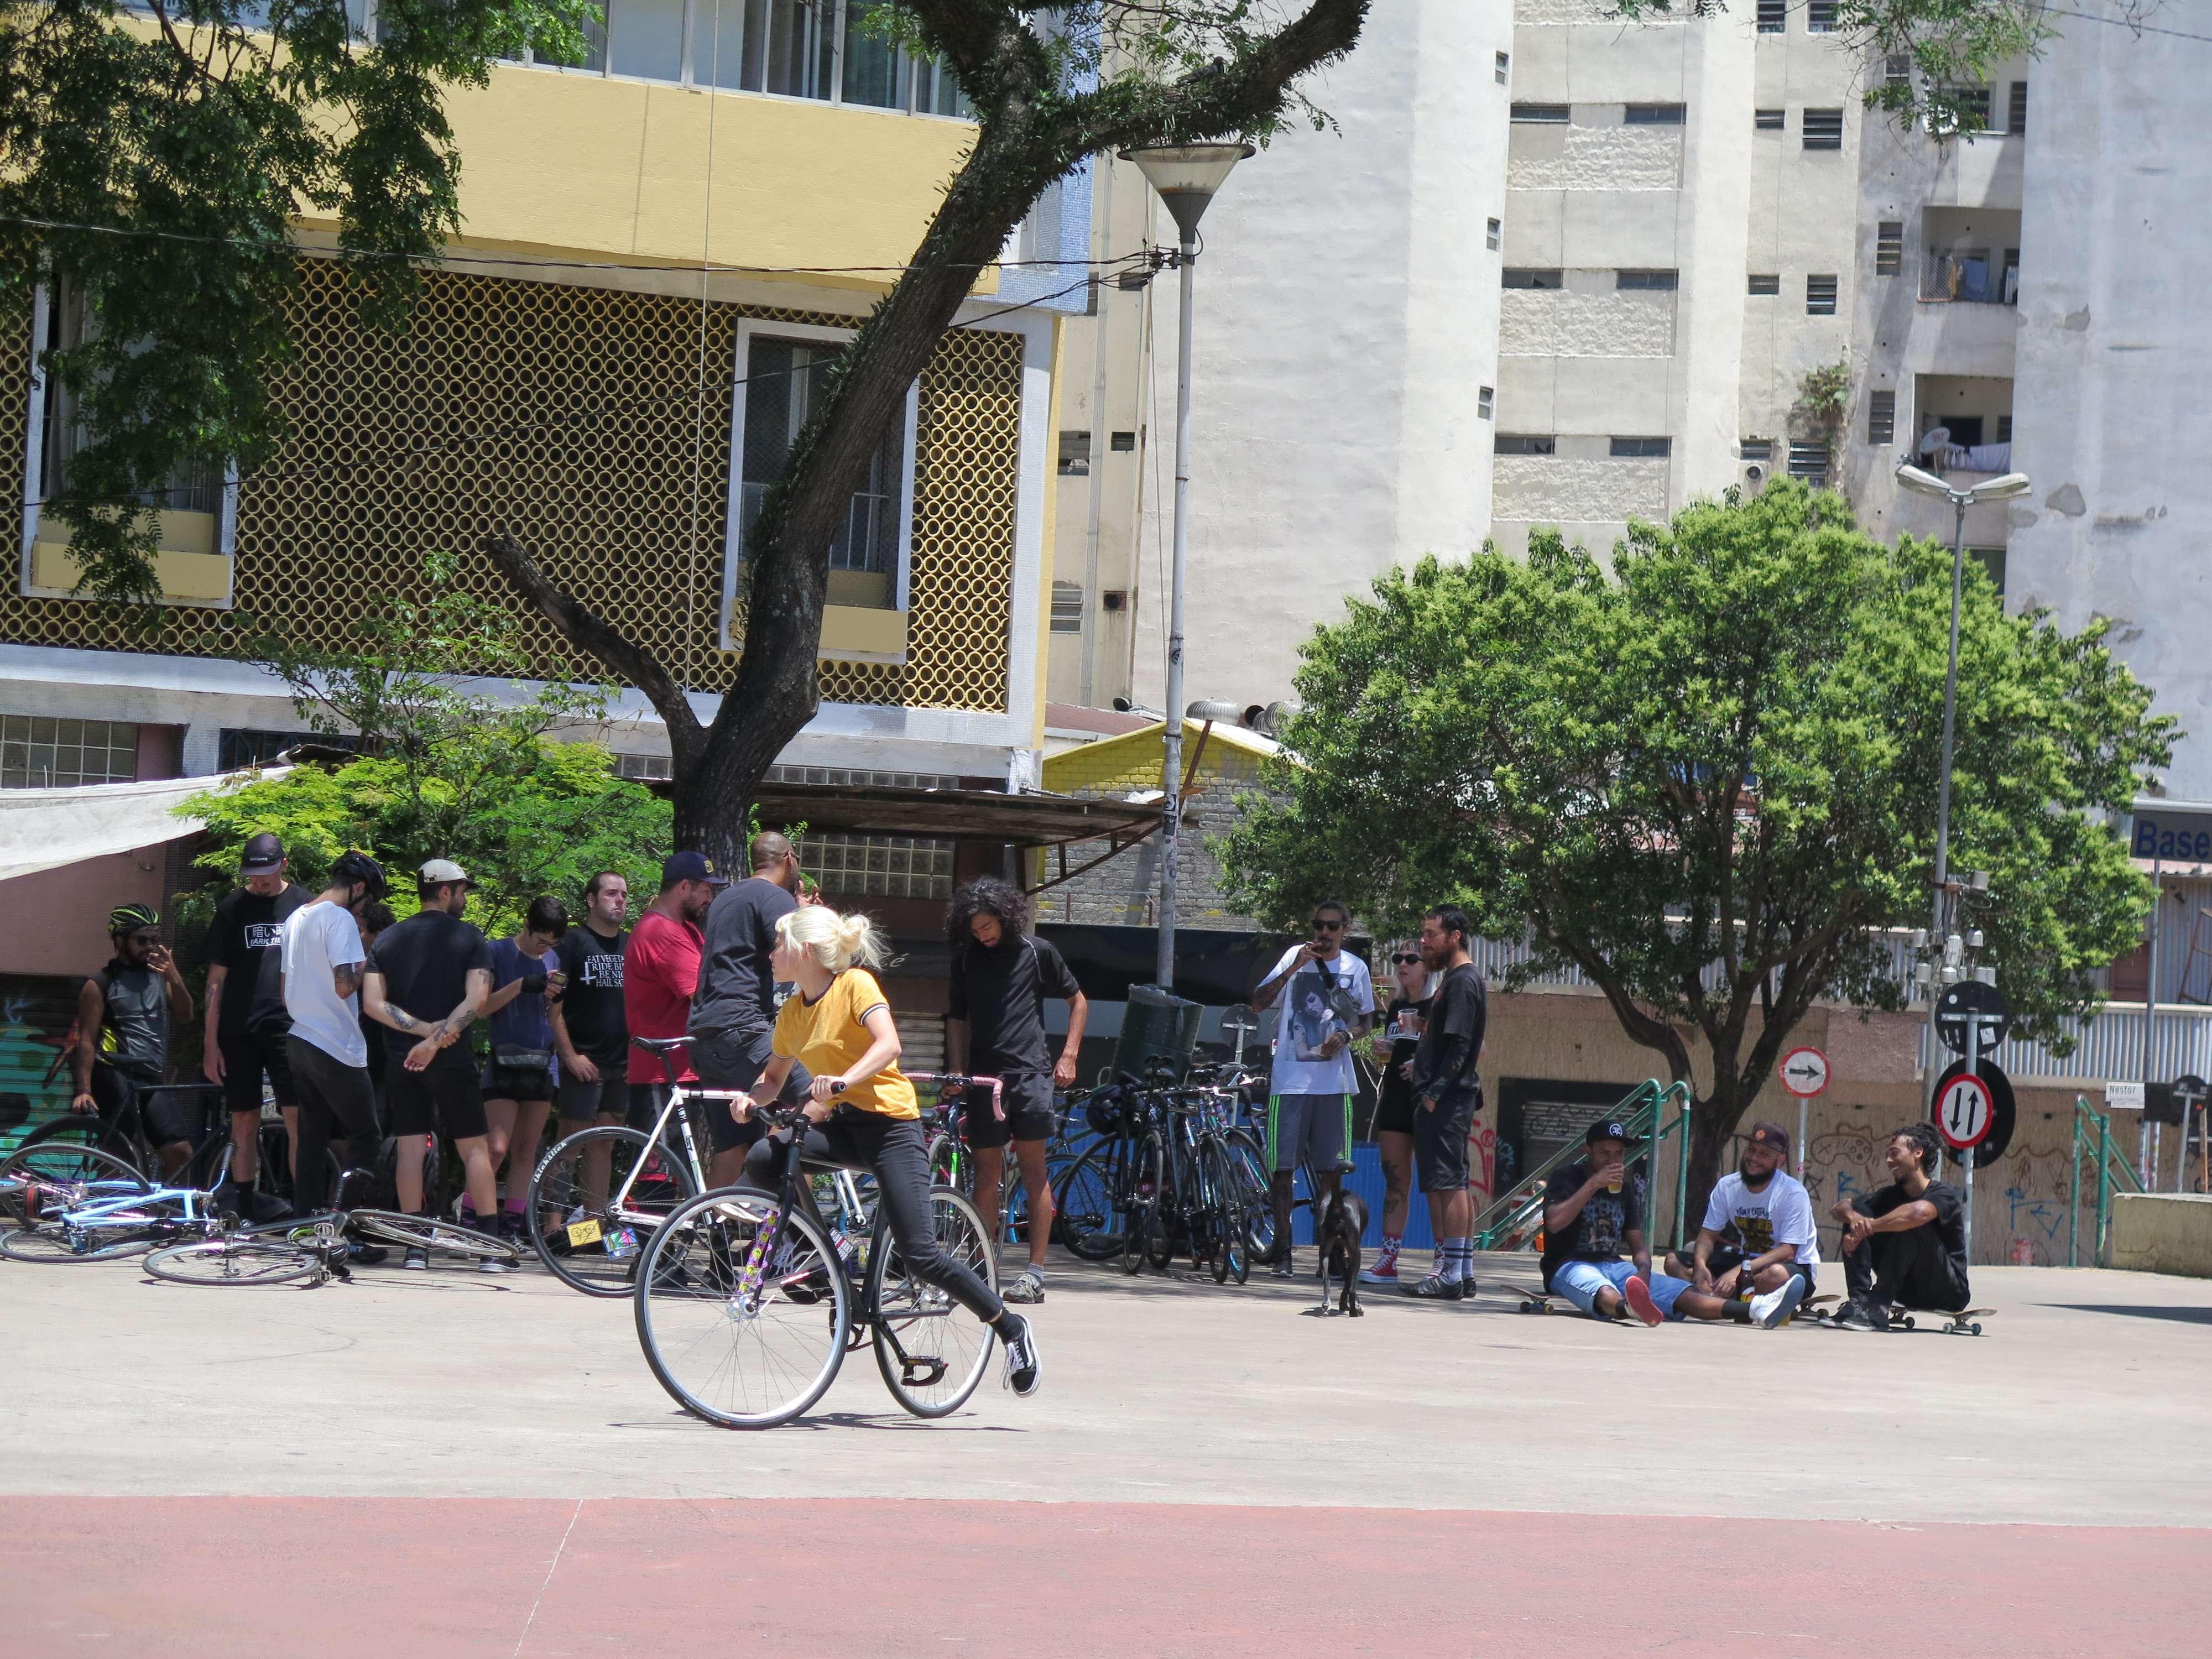 Ocupação do espaço público no Centro de São Paulo